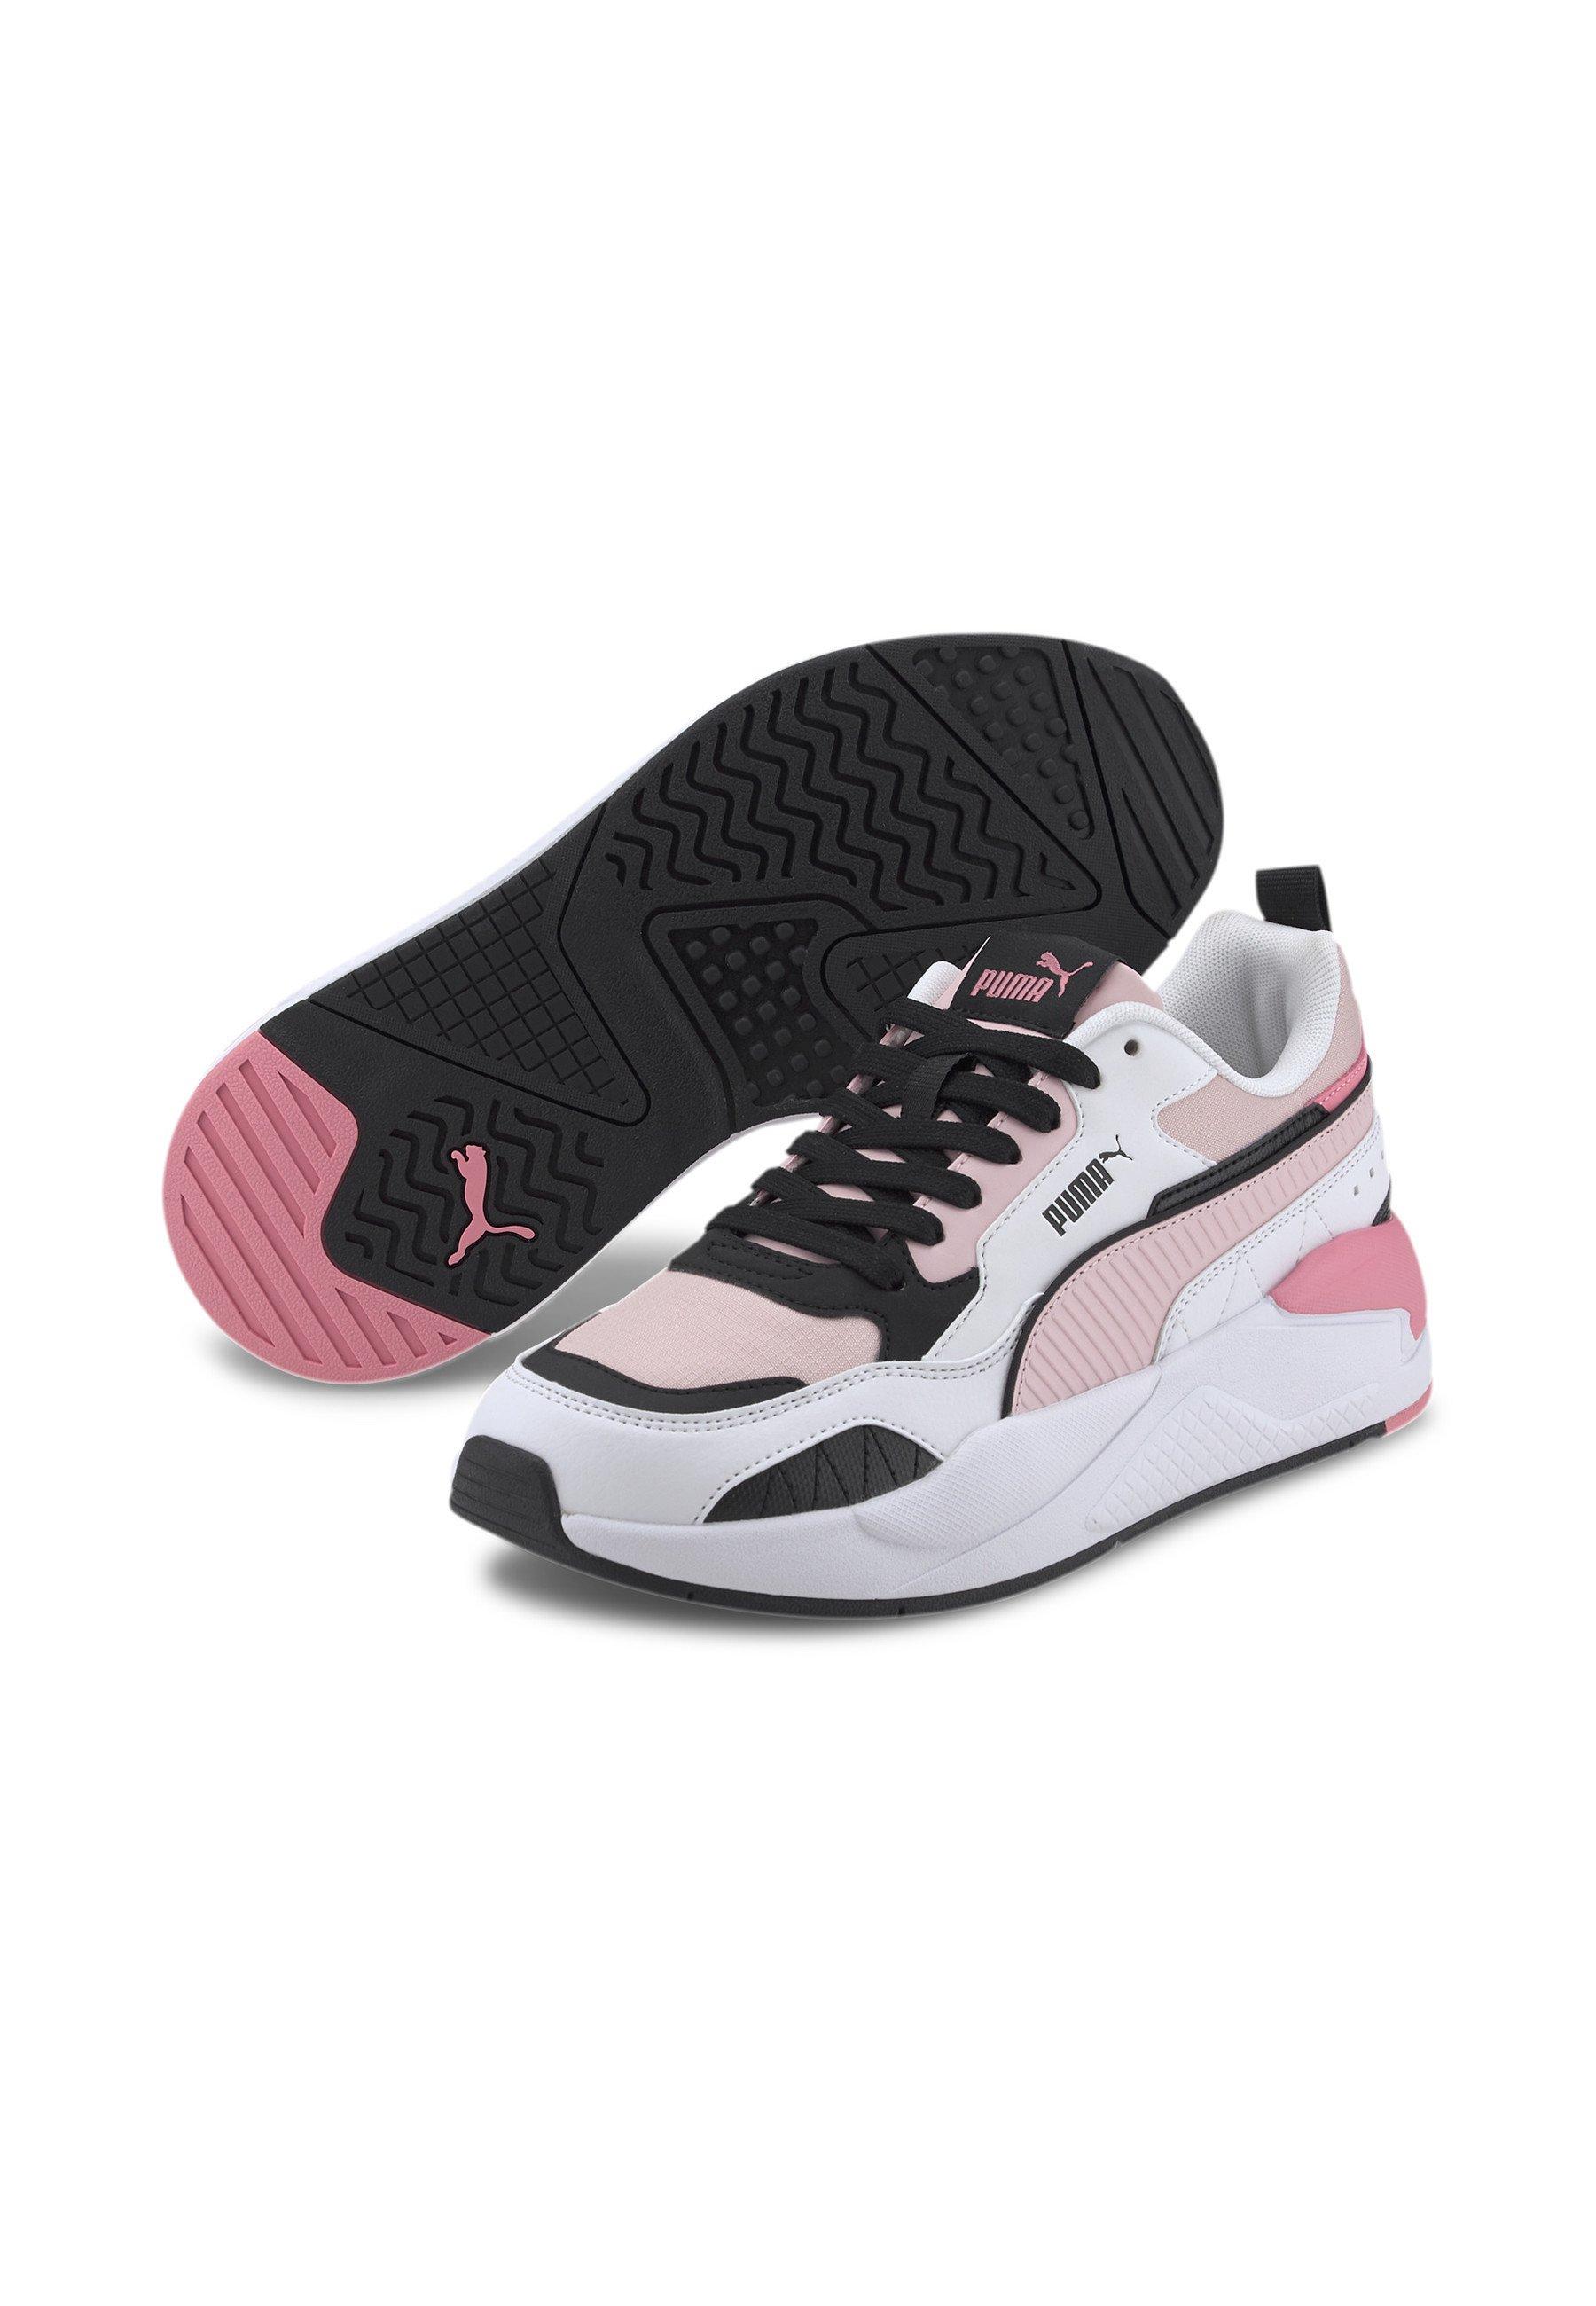 Puma - Sneakers basse - peachskin- wht-blk-sal rose